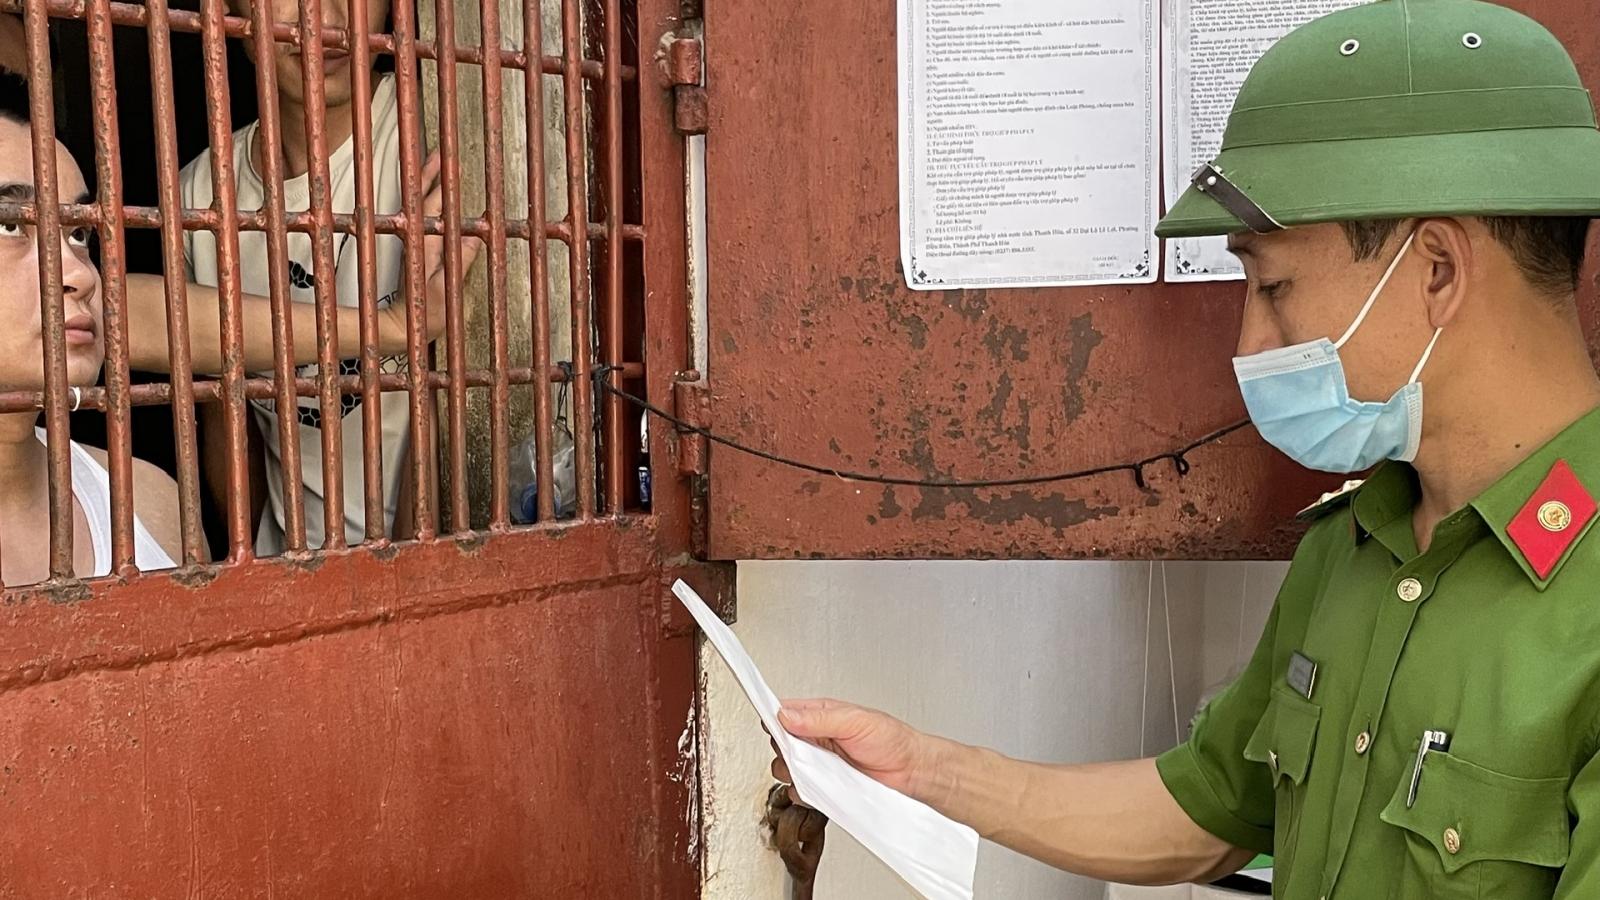 Cử tri là người bị tạm giữ, tạm giam sẽ bỏ phiếu tại buồng giam